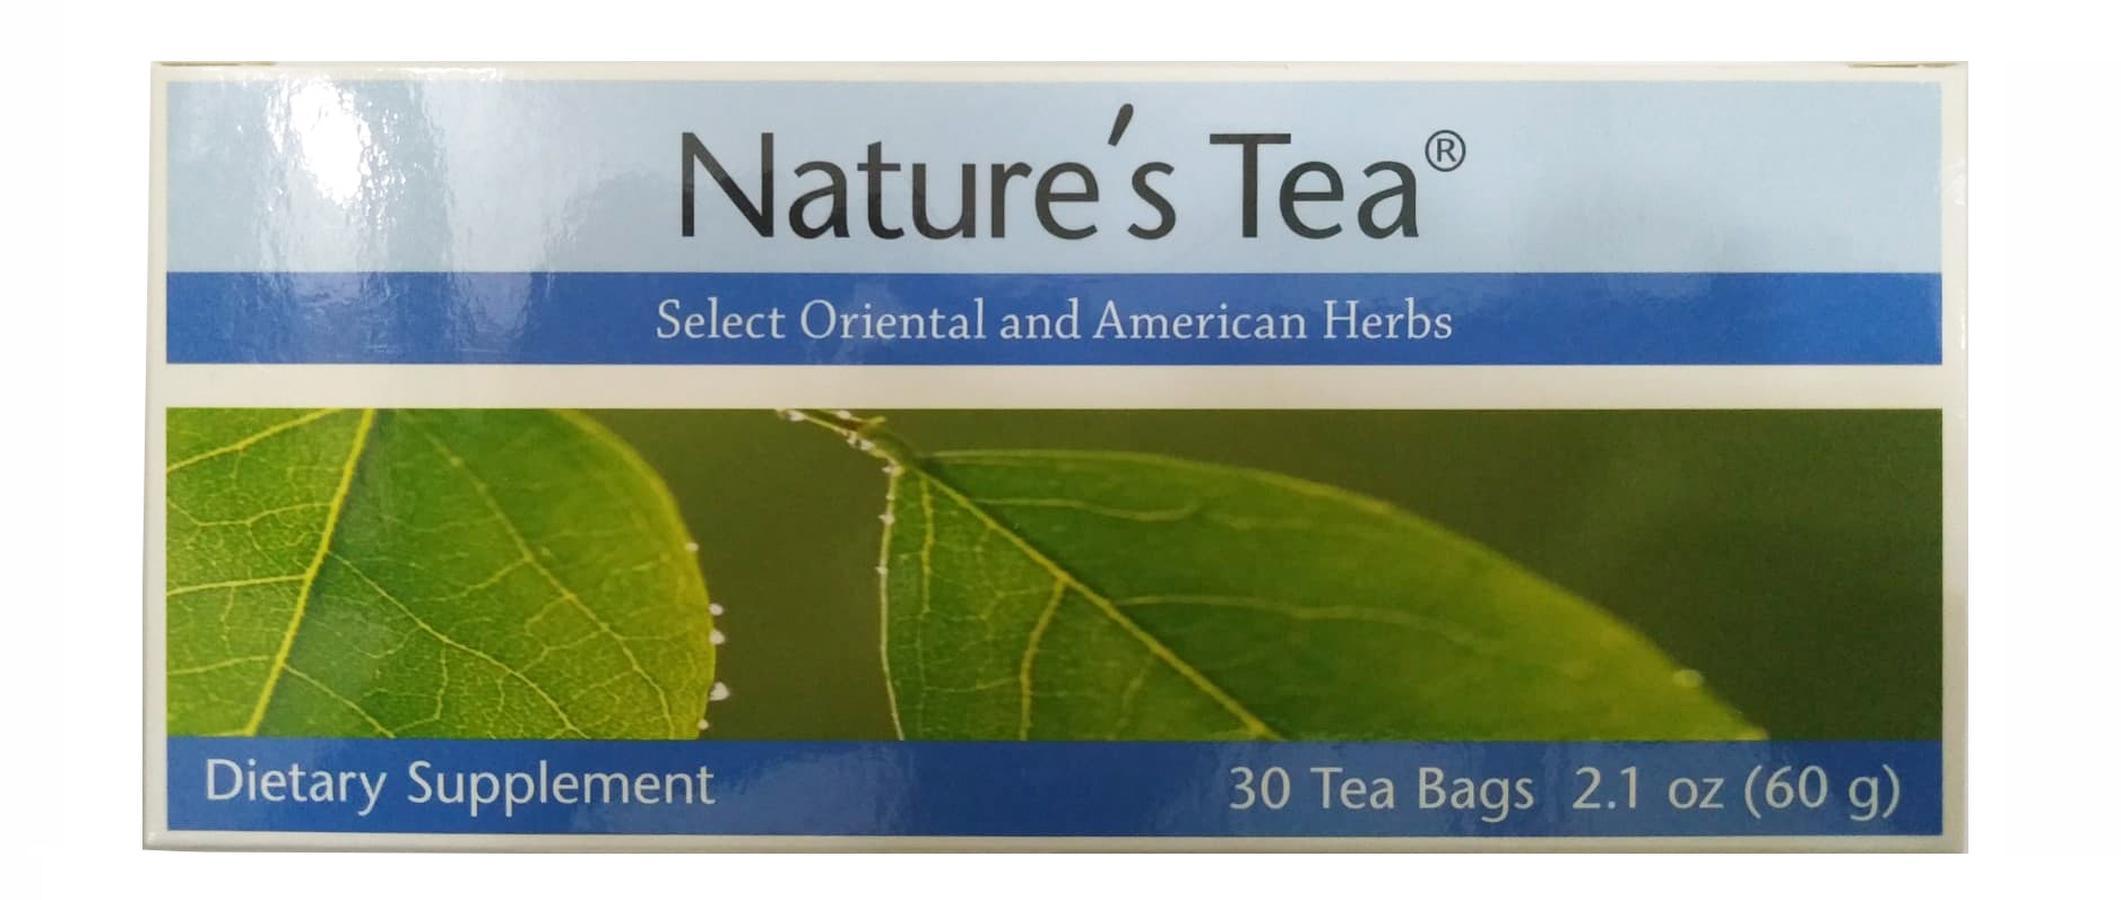 Thải Độc Ruột Có Tác Dụng Gì? Dùng Trà Thải Độc Ruột Nature's Tea Có Tốt Không?